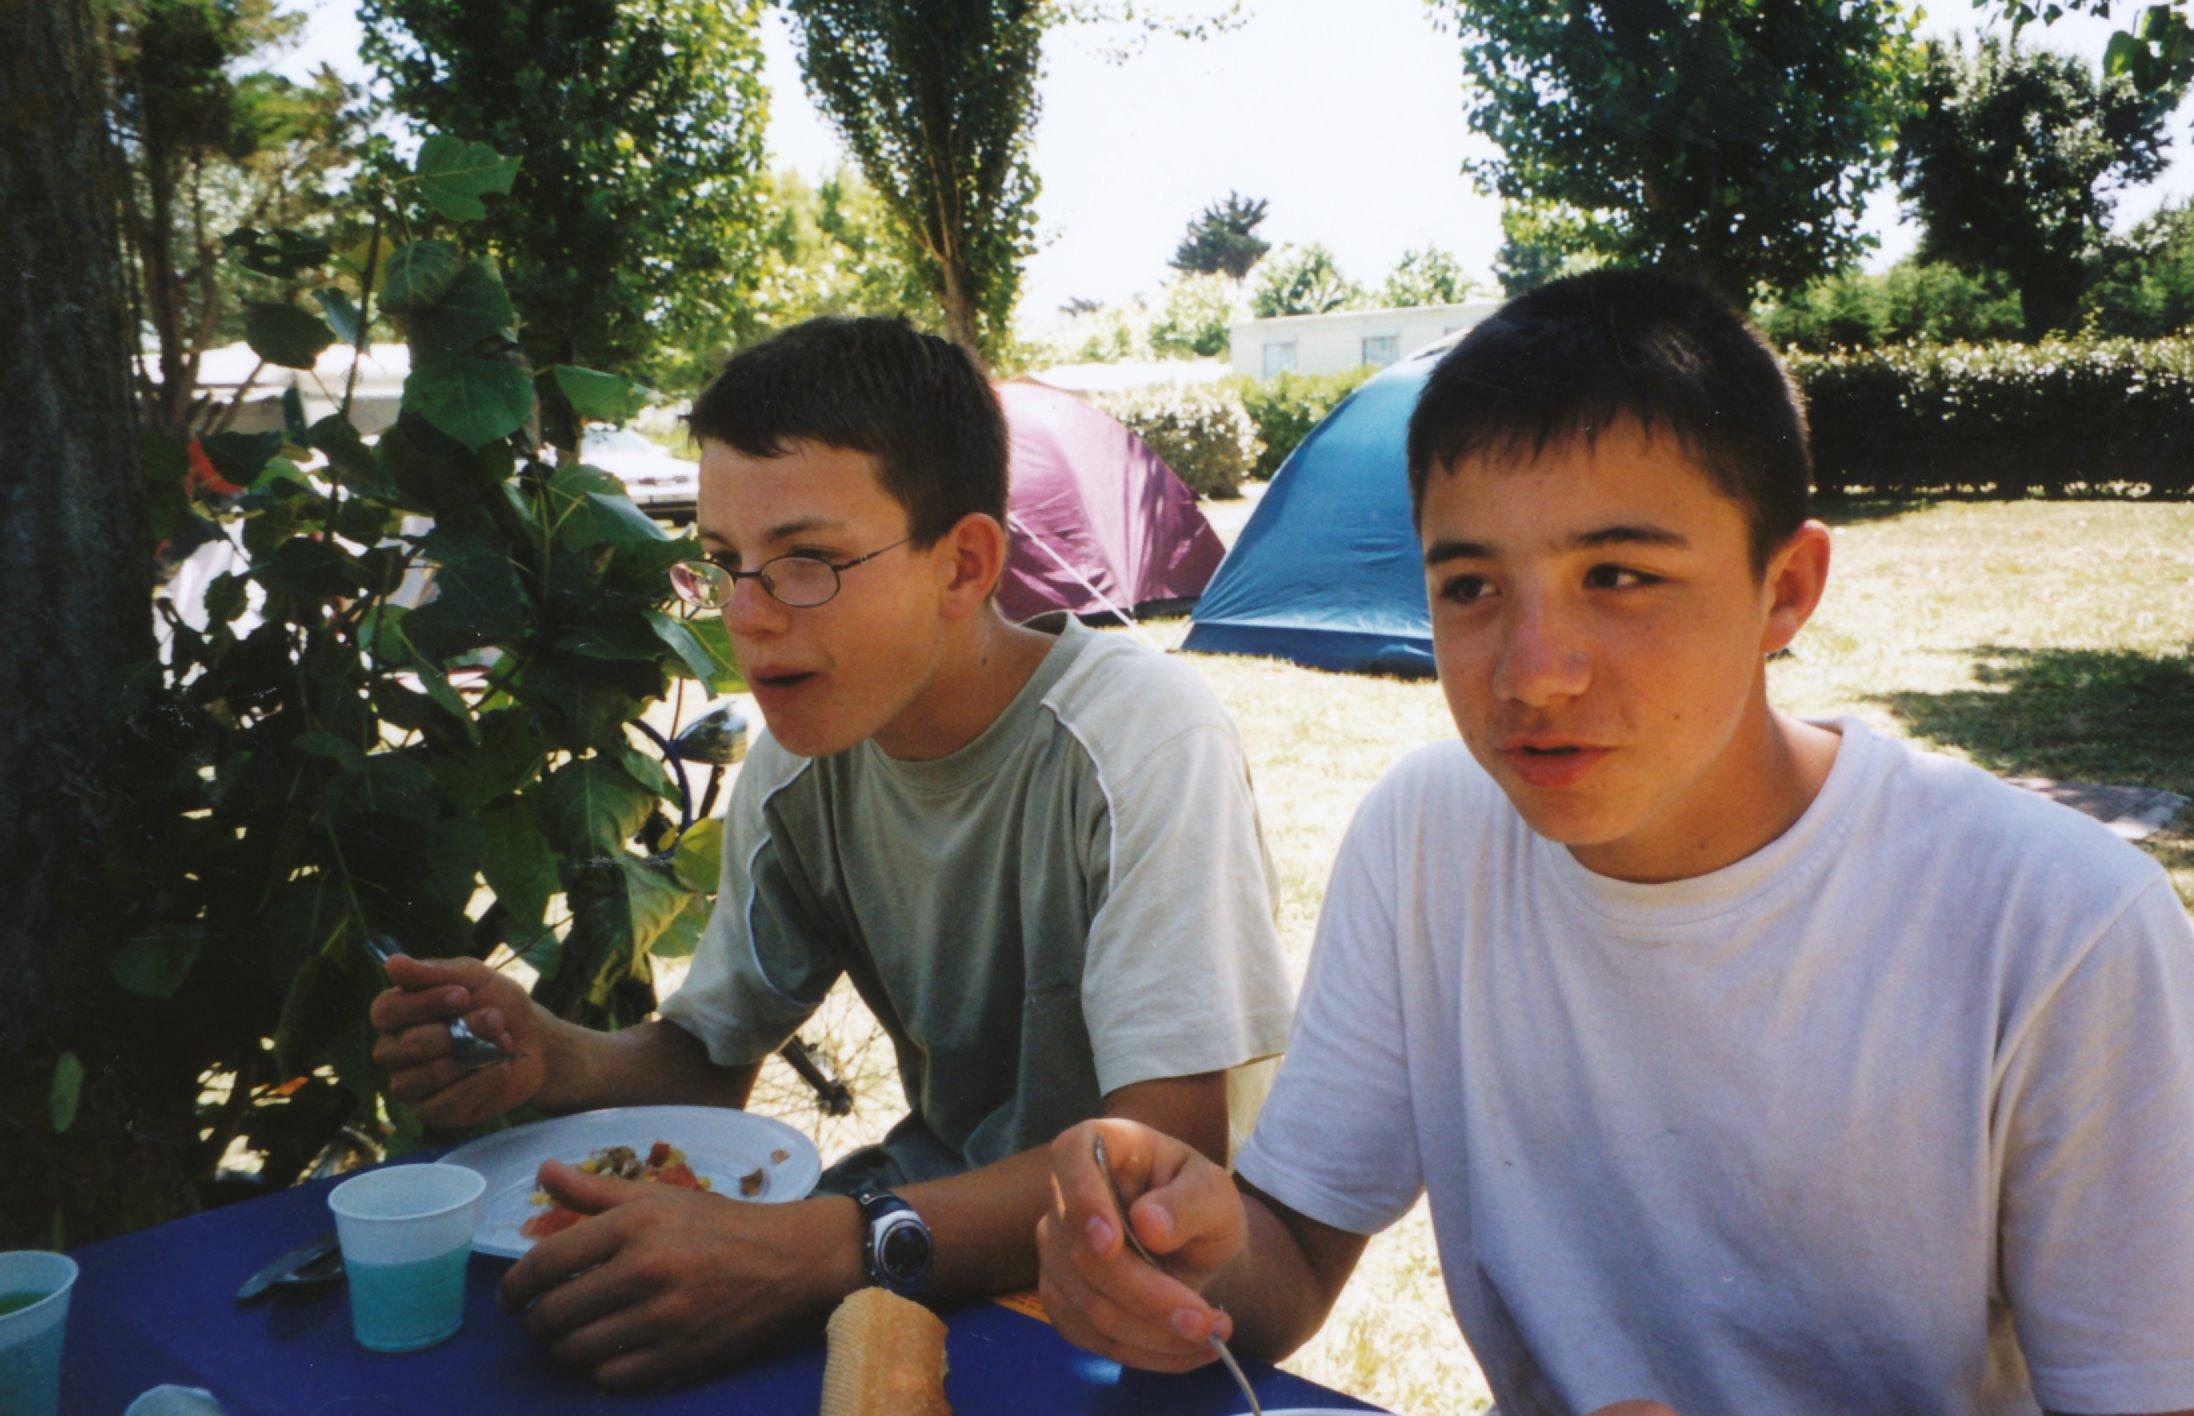 Archives anciens élèves mfr puy-sec 2002 (3)